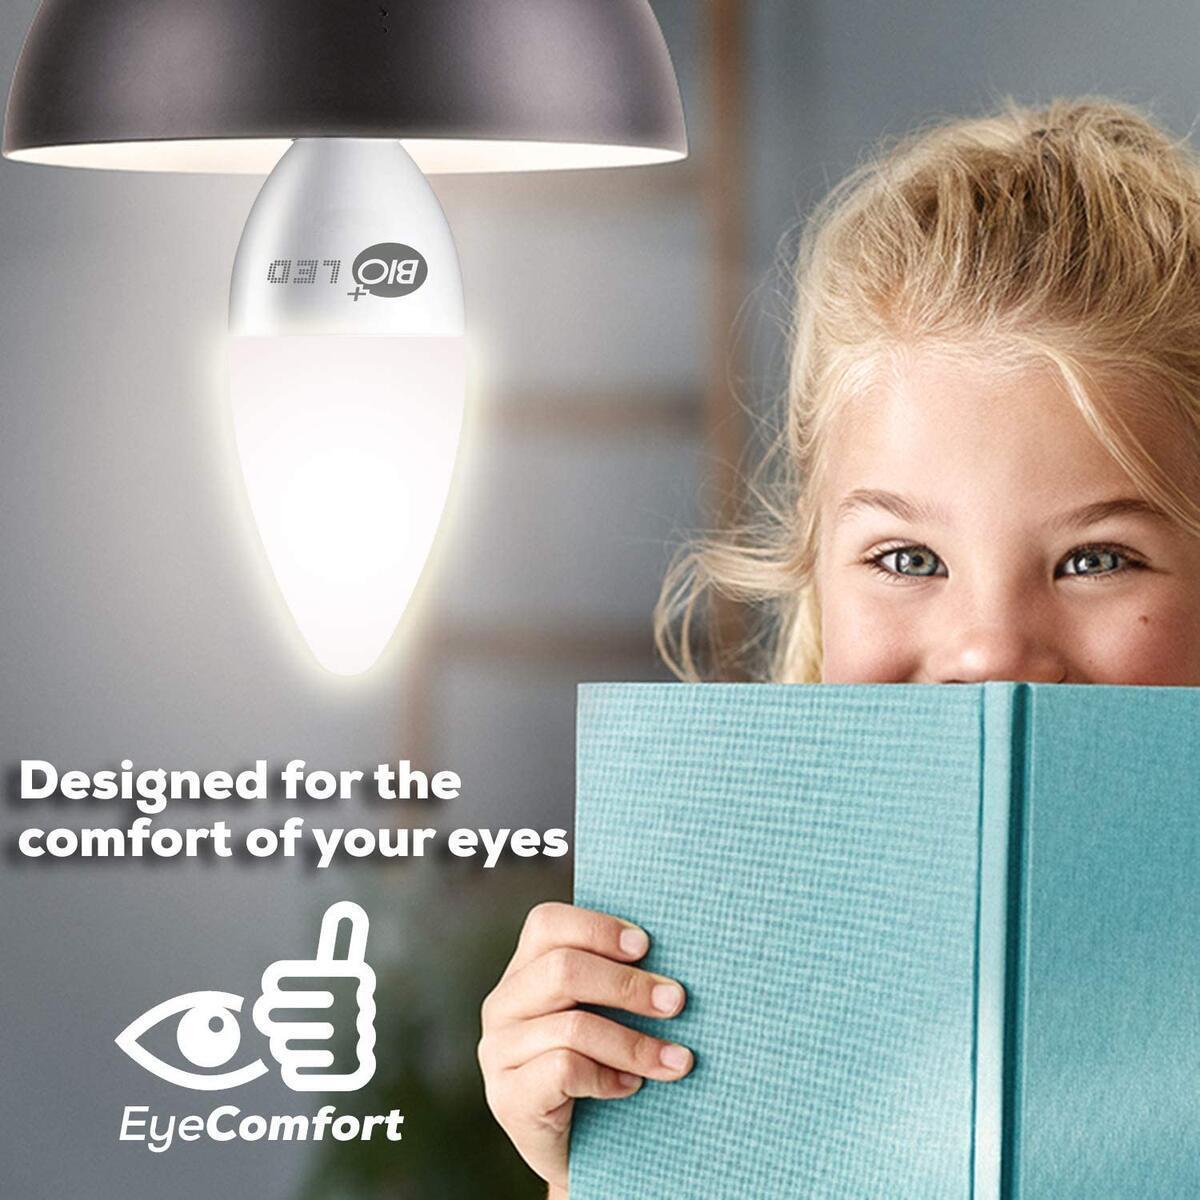 Bioled 6 Pack E12 120V 5W (60Watt Equivalent) Daylight 5000K LED Light Bulbs, Ceiling Fan Light Bulbs, Small Base Lightbulbs, Chandelier Light Bulbs, Candelabra LED Bulbs, Type B11 Bulb, Candle Bulb